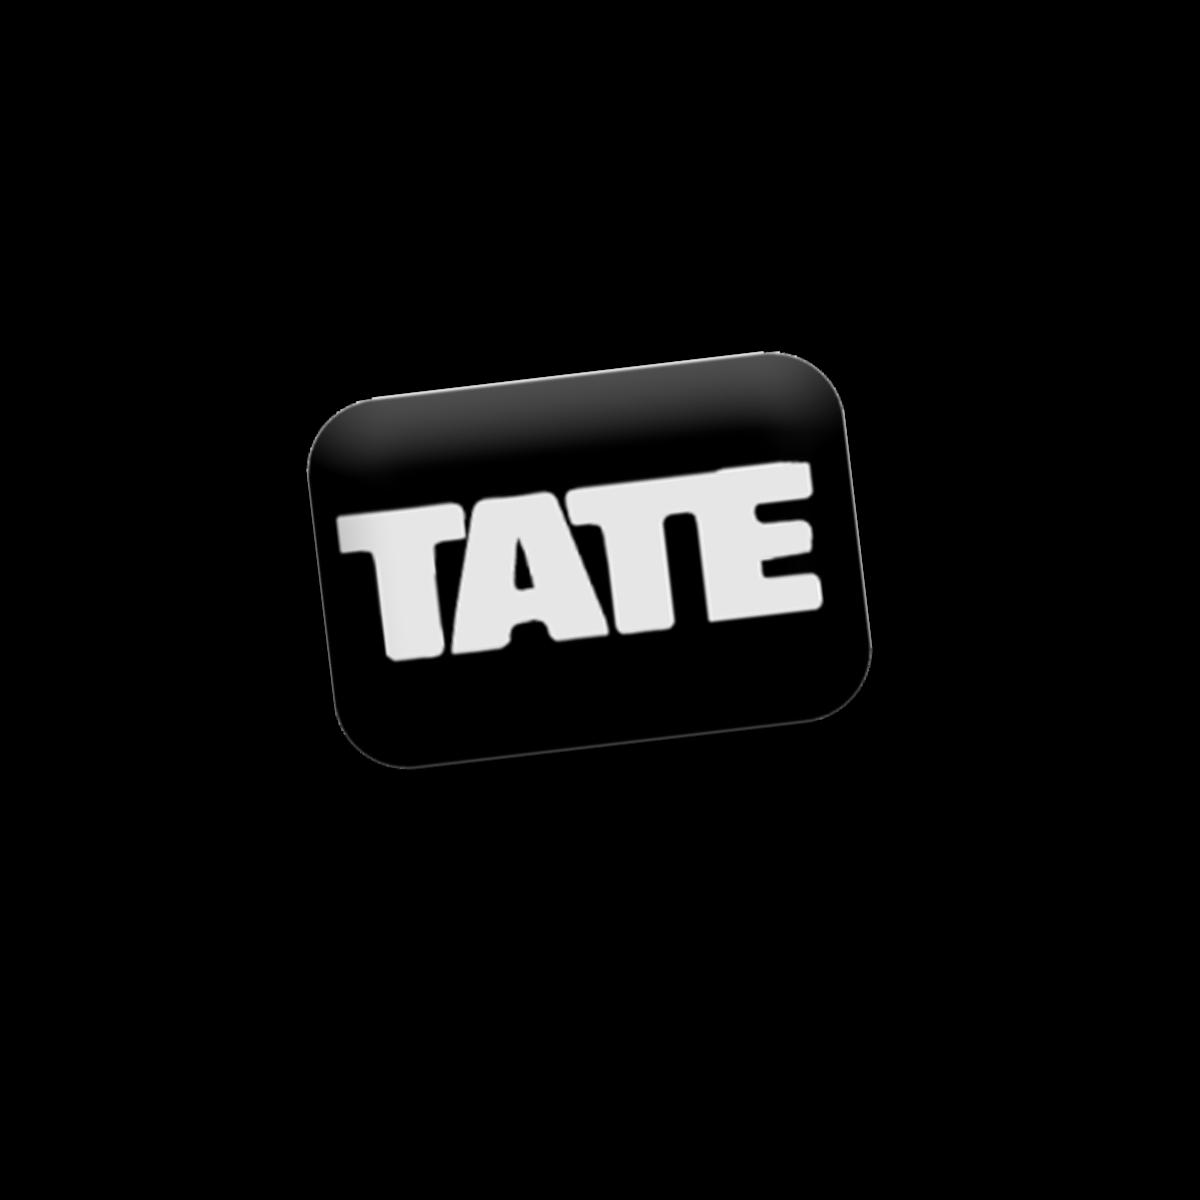 Tate Pin